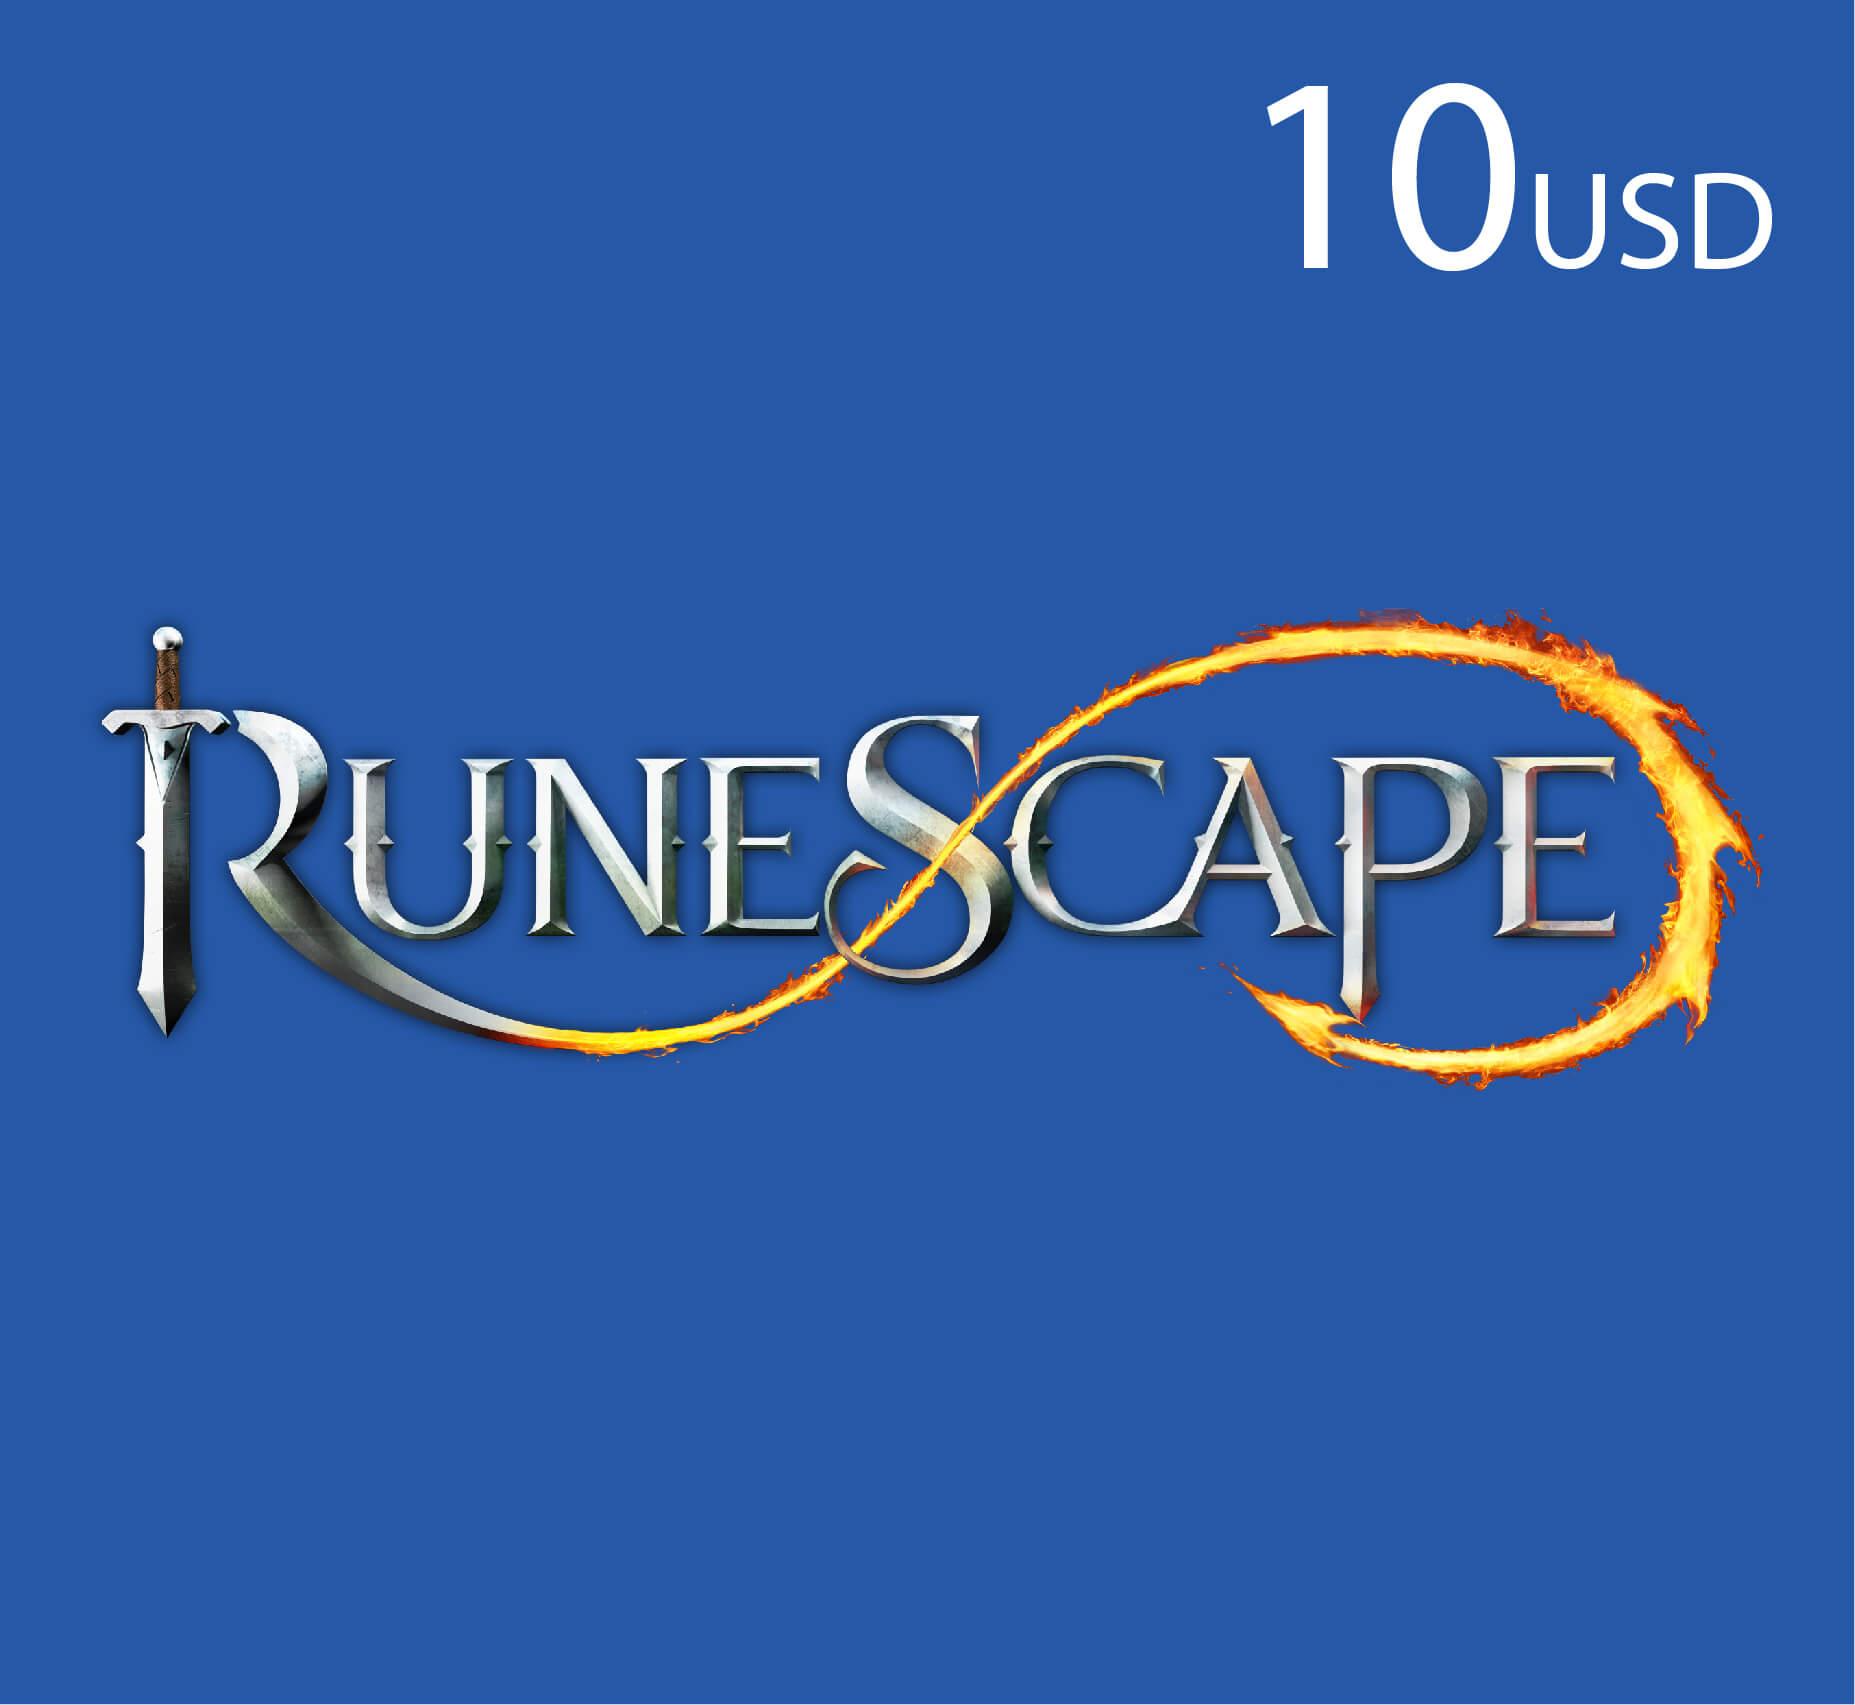 Runescape - $10 (INT)